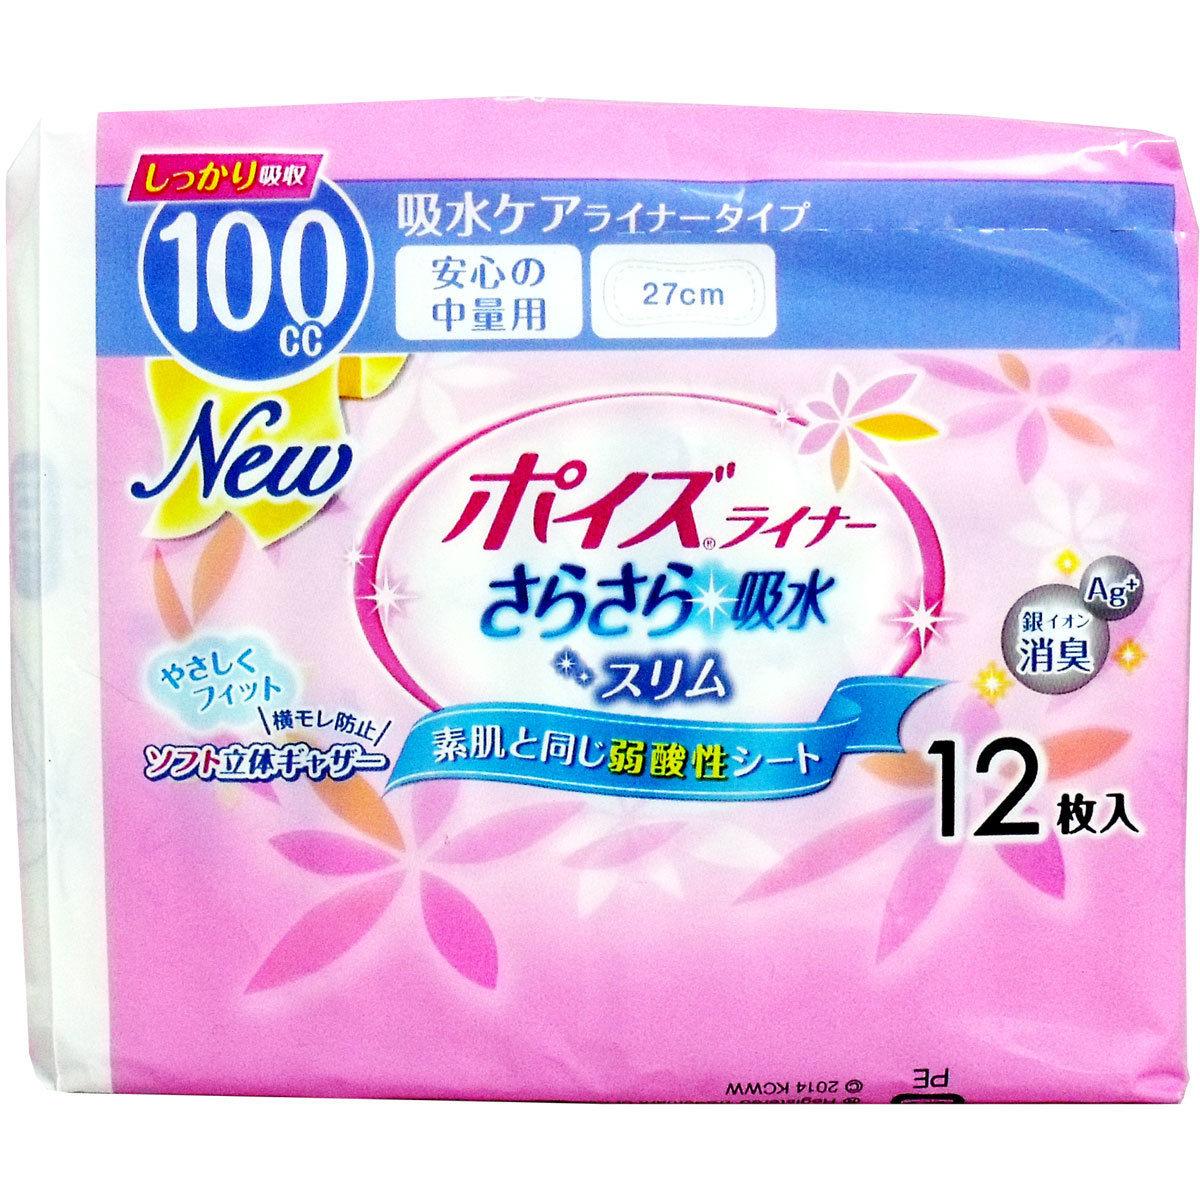 介護 尿とりパッド ポイズライナー さらさら吸水スリム 安心の中量用 100cc 12枚入 ◆4901750809089